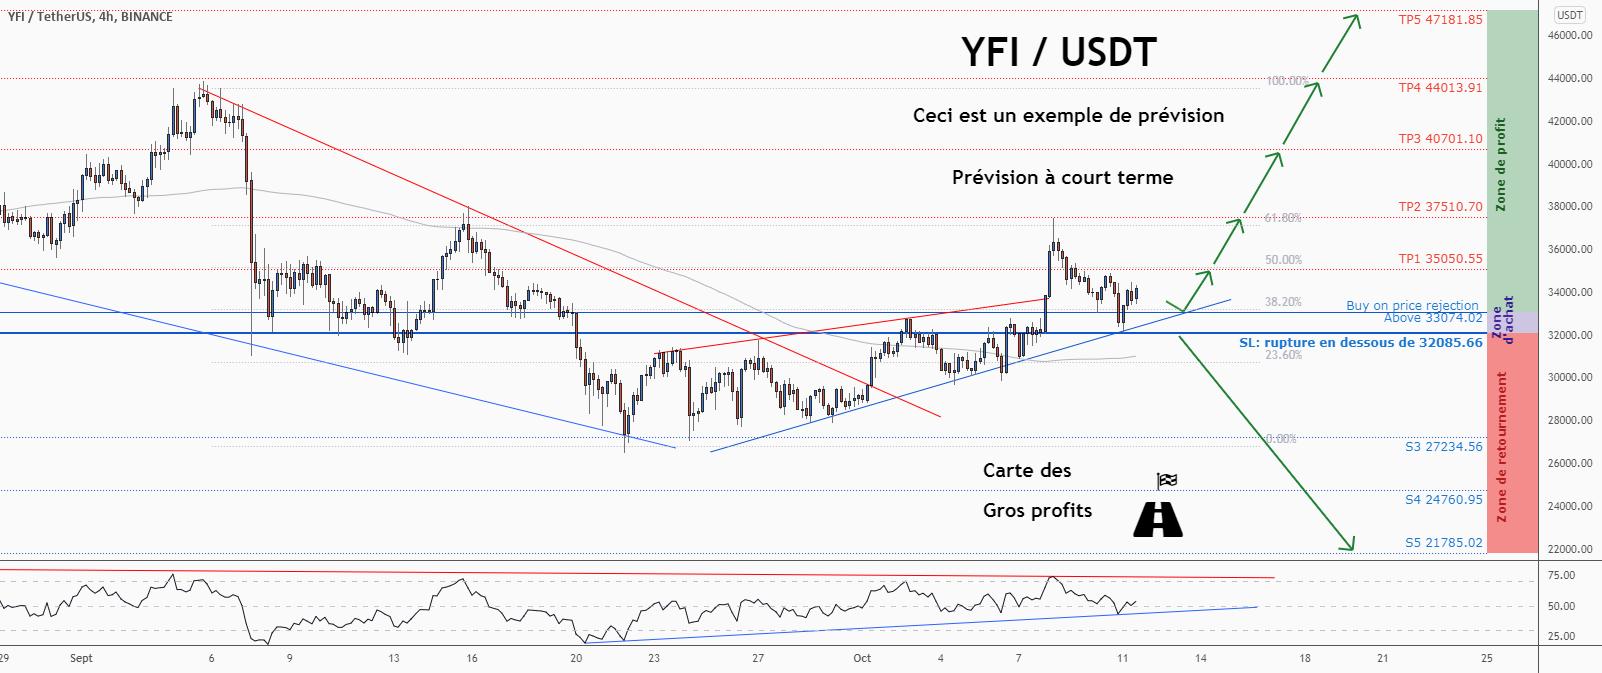 💡Ne manquez pas cette grande opportunité d'achat de YFIUSD pour BINANCE:YFIUSDT par ForecastCity_Francais